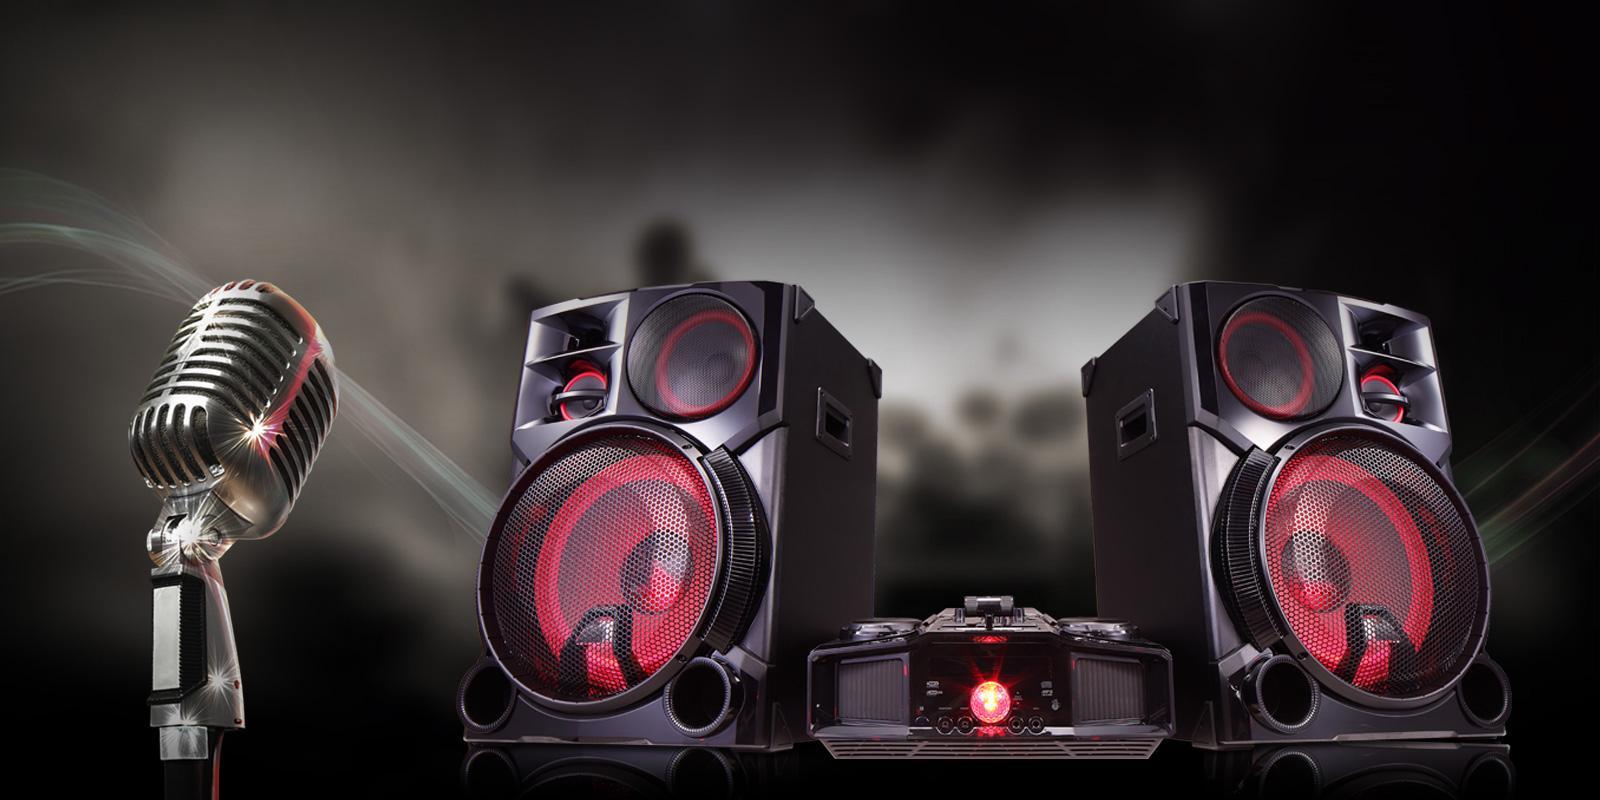 http://www.lg.com/us/images/AV/features/CM9960%2012_Karaoke-Star.jpg